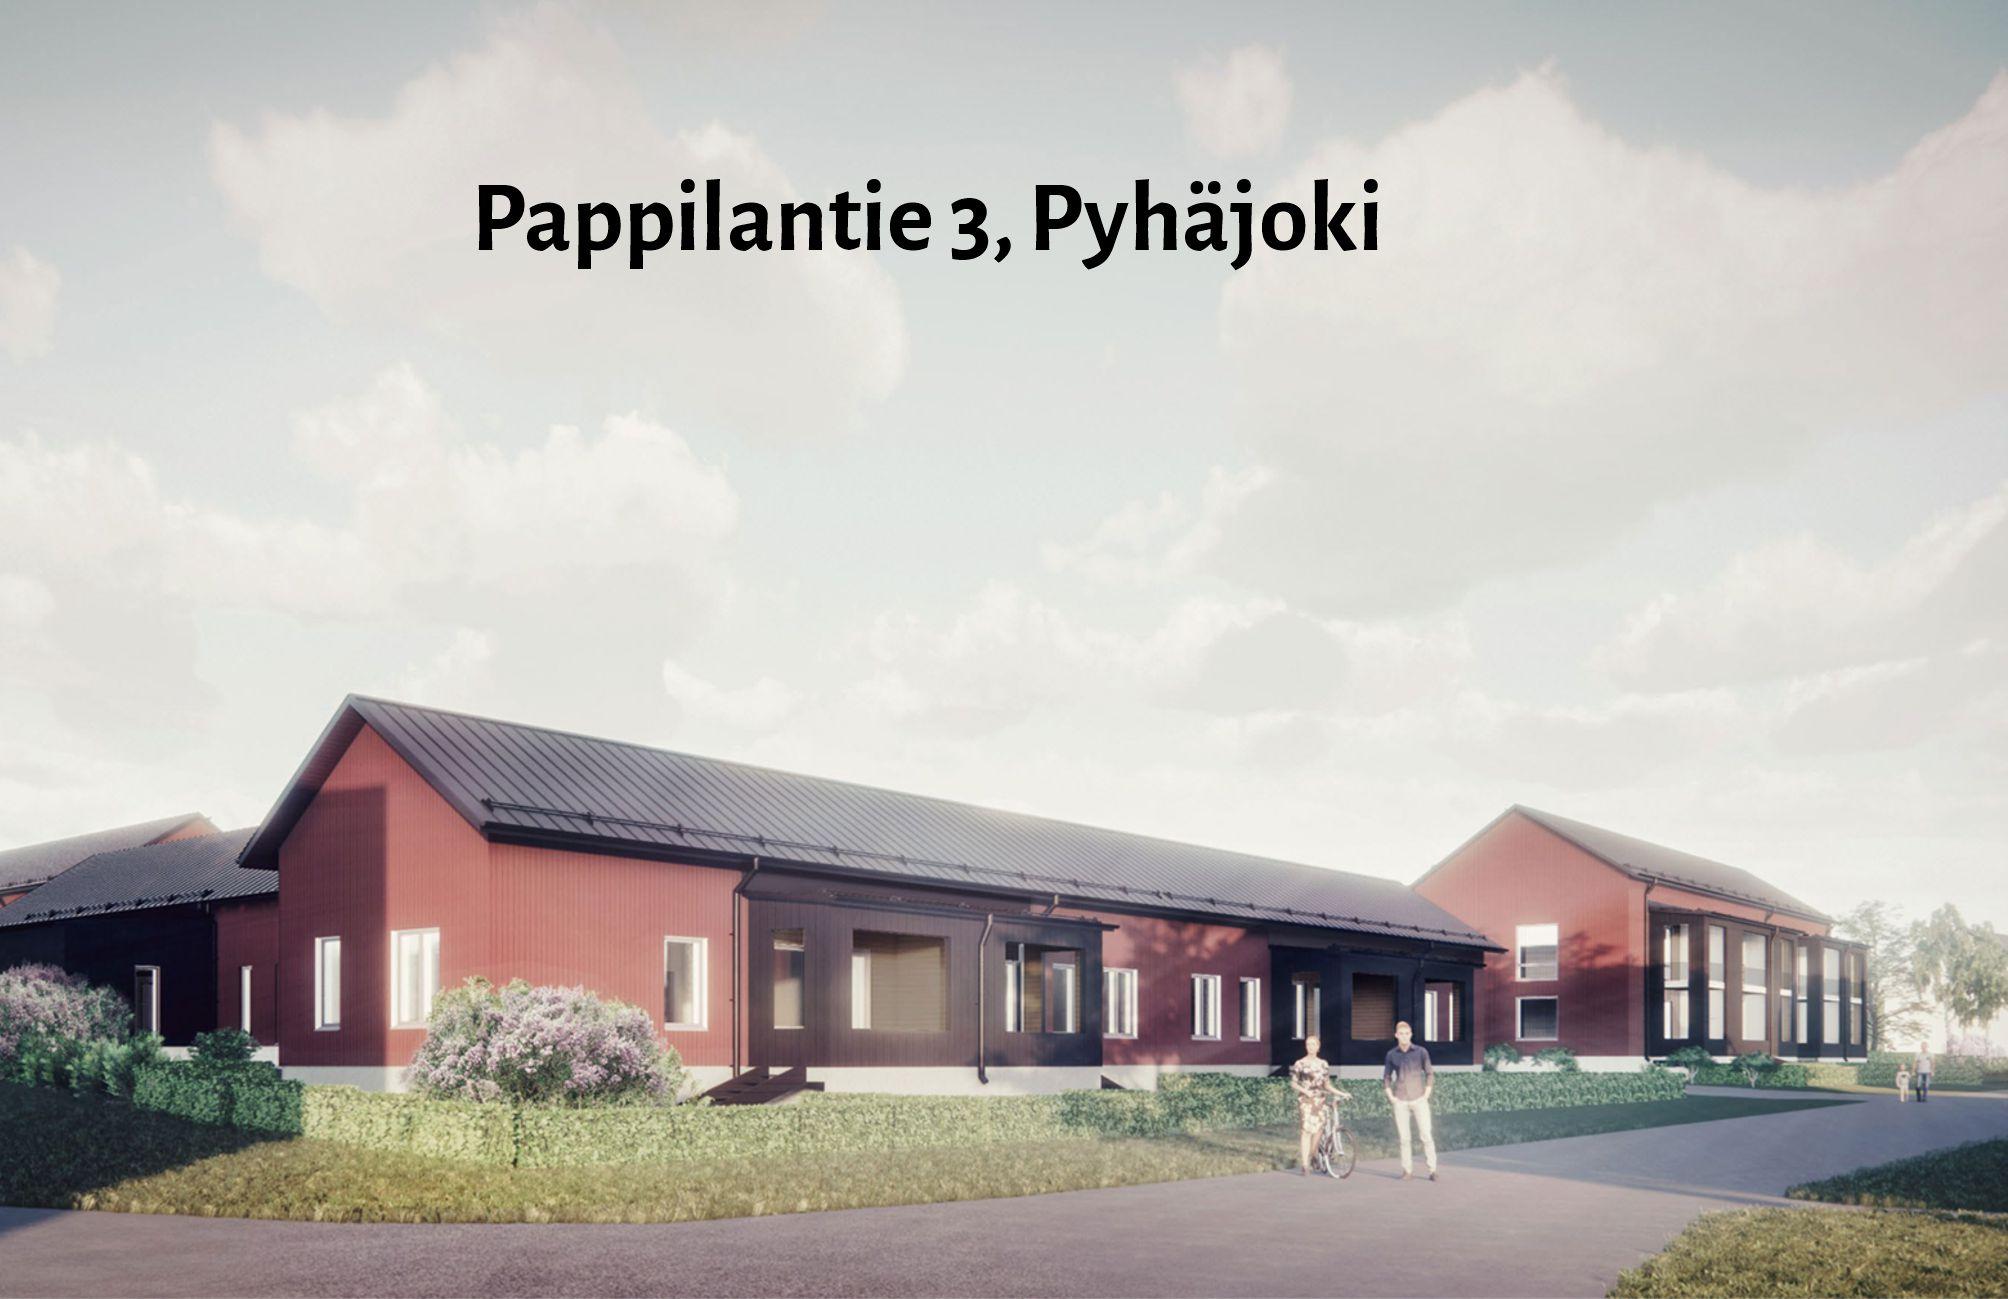 Rental apartment Pyhäjoki